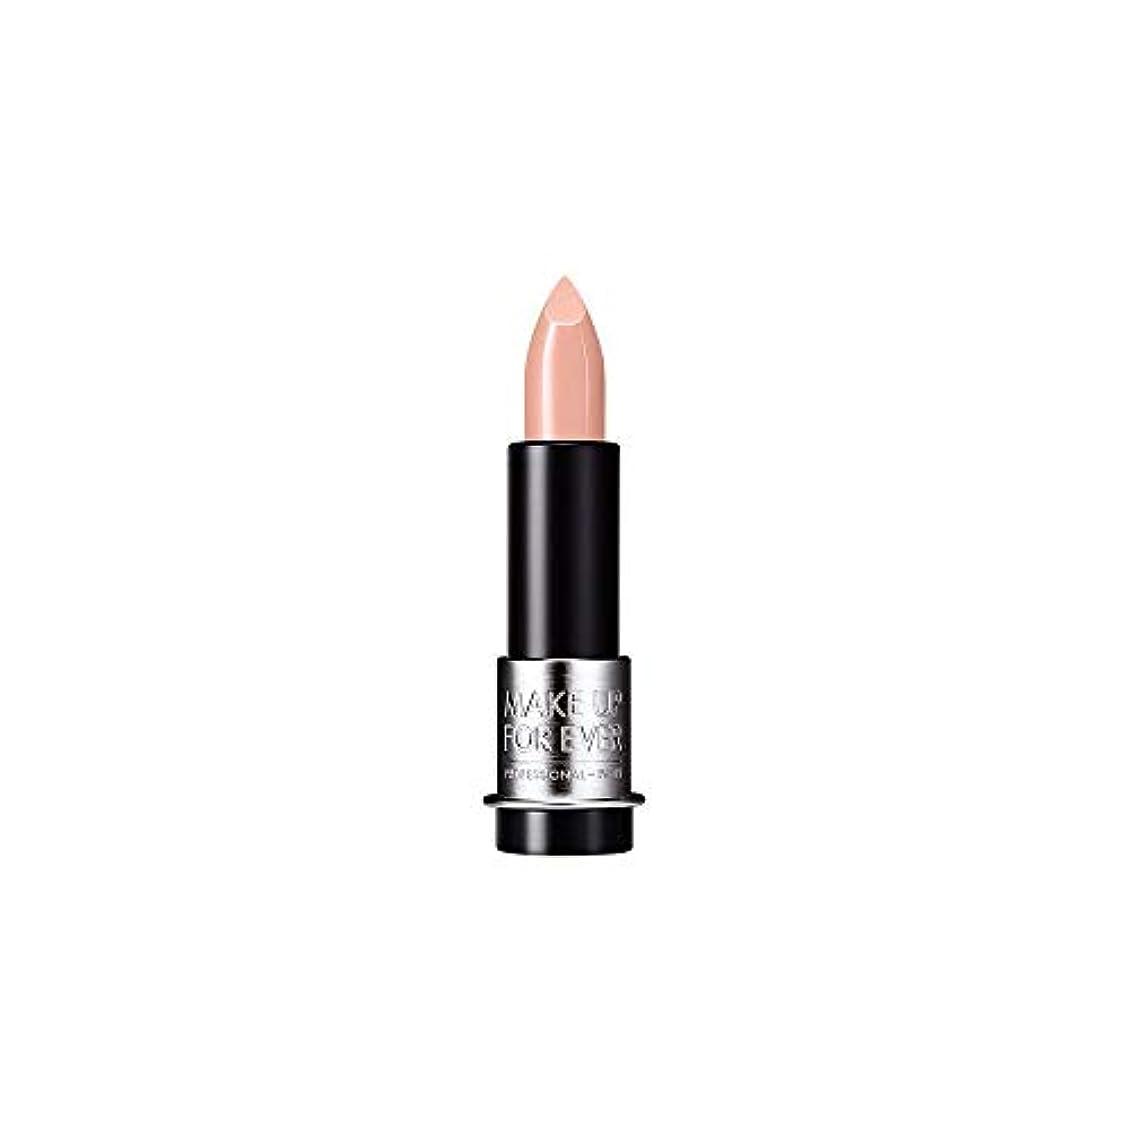 繊毛キノコストライプ[MAKE UP FOR EVER] ヌードベージュ - これまでアーティストルージュクリーム口紅3.5グラムのC103を補います - MAKE UP FOR EVER Artist Rouge Creme Lipstick...